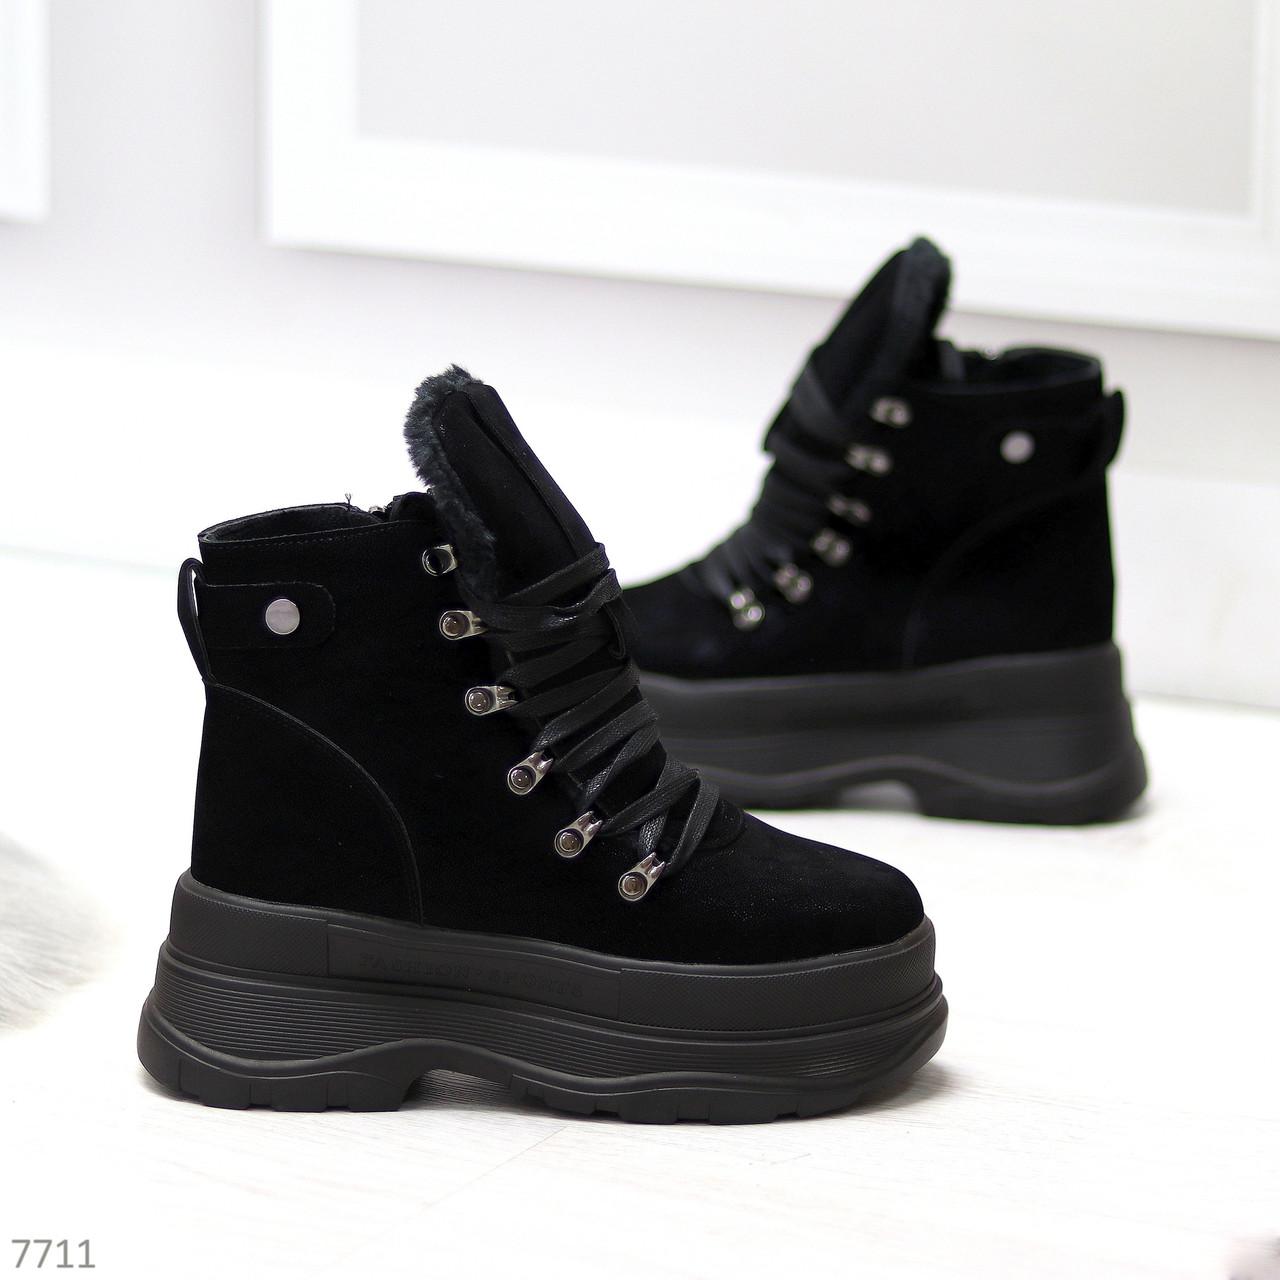 Молодежные черные зимние замшевые женские ботинки на платформе 38-23,5 / 39-24,5см